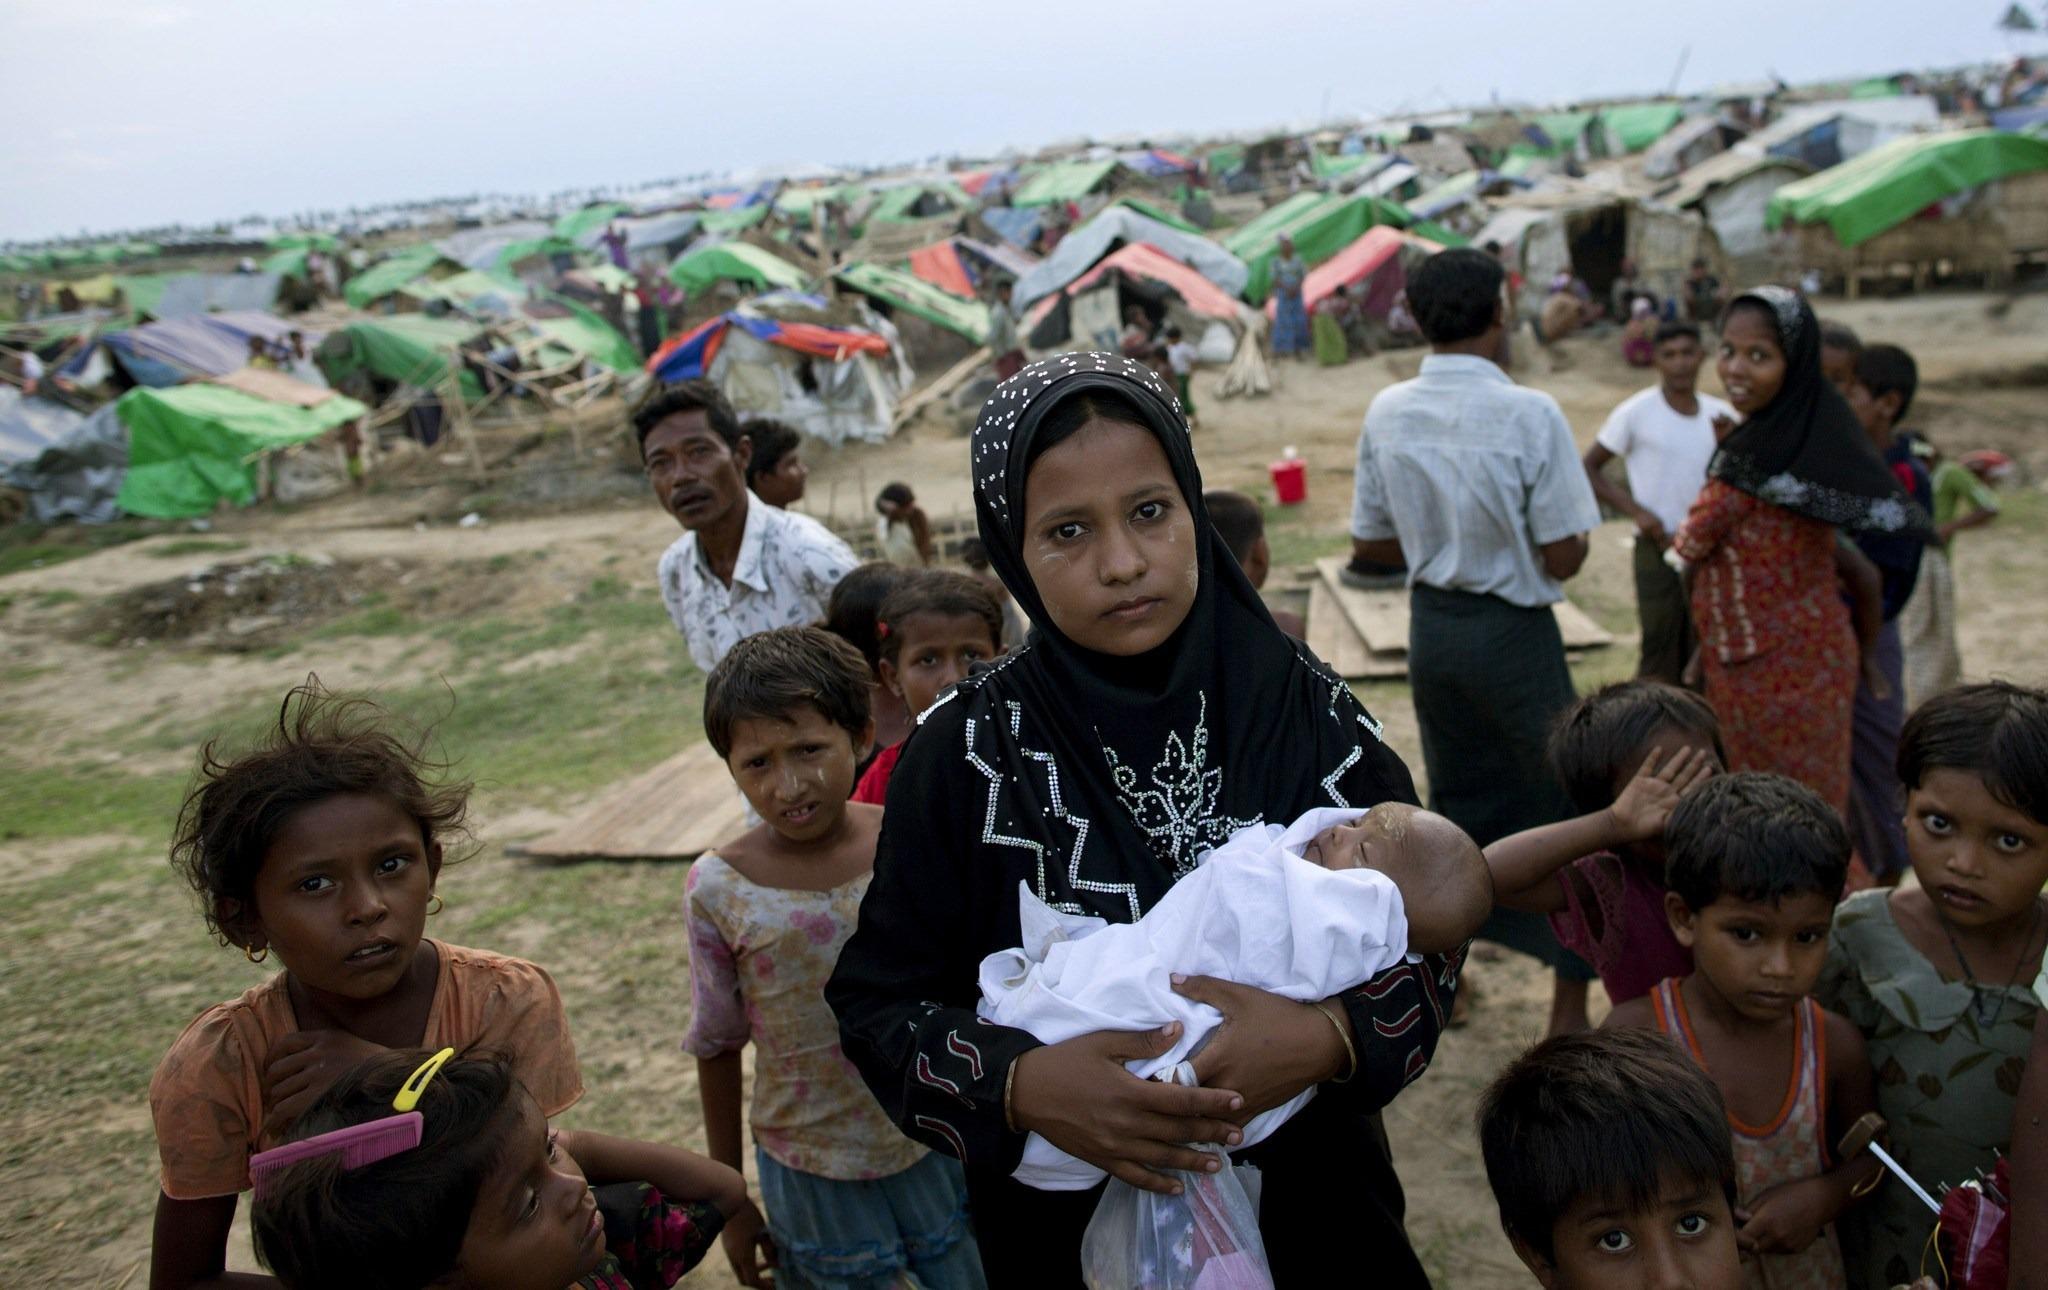 مسلمو بورما.. حكايات من الماضي والحاضر تُلخص المأساة